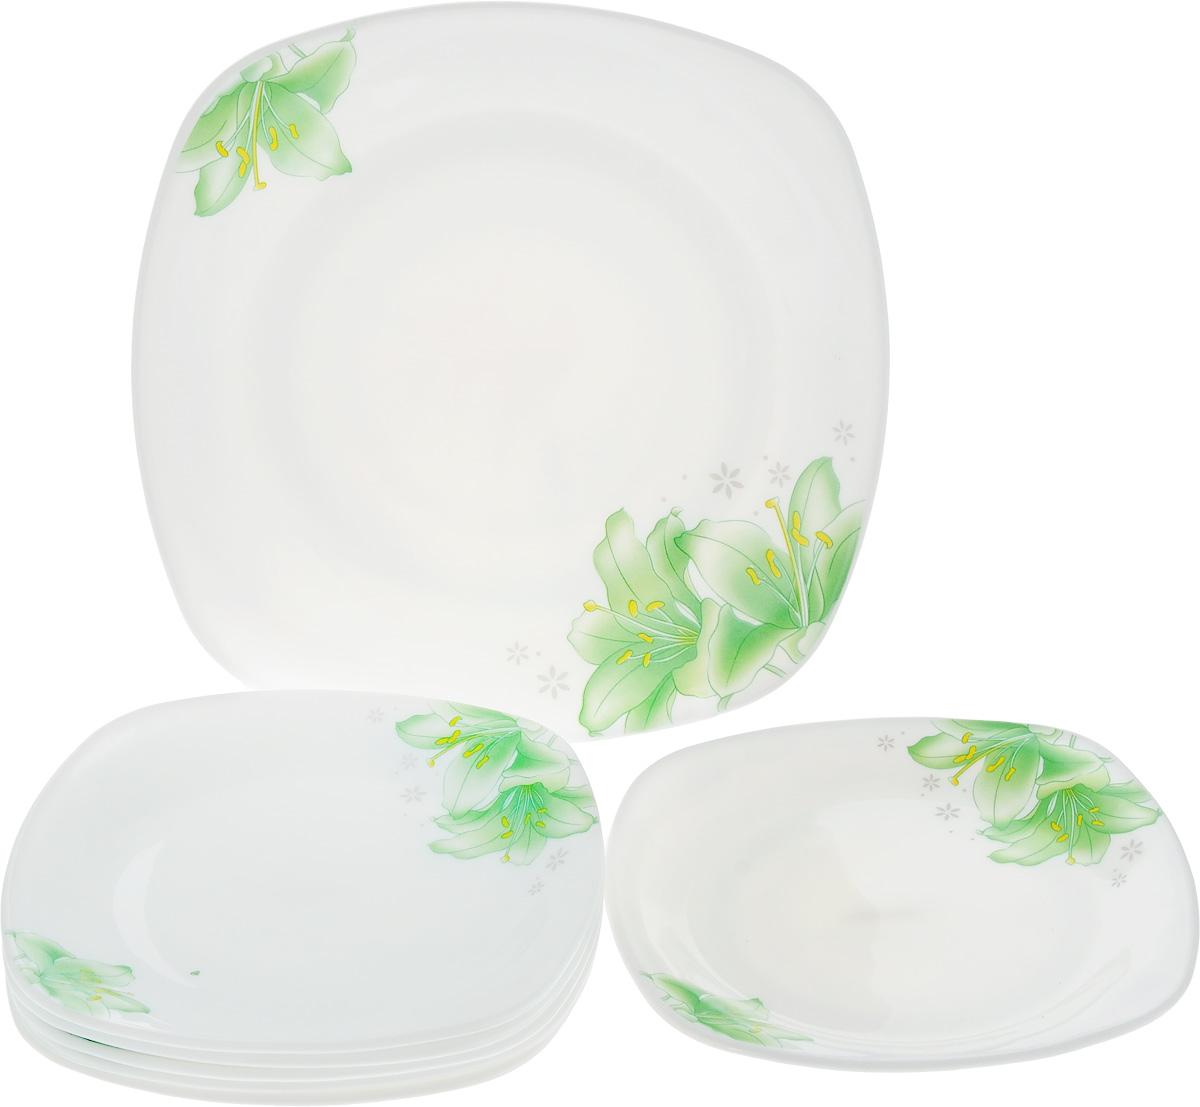 Набор тарелок Loraine, 7 шт. 2368923689Набор Loraine состоит из 6 десертных тарелок и 1 блюда. Изделия, выполненные из прочного стекла, оформлены ярким рисунком цветов и имеют квадратную форму. Посуда отличается прочностью, гигиеничностью и долгим сроком службы, она устойчива к появлению царапин и резким перепадам температур. Такой набор прекрасно подойдет как для повседневного использования, так и для праздников или особенных случаев. Можно мыть в посудомоечной машине и использовать в микроволновой печи. Размер блюда: 26 х 26 х 3 см. Размер десертной тарелки: 19 х 19 х 2 см.